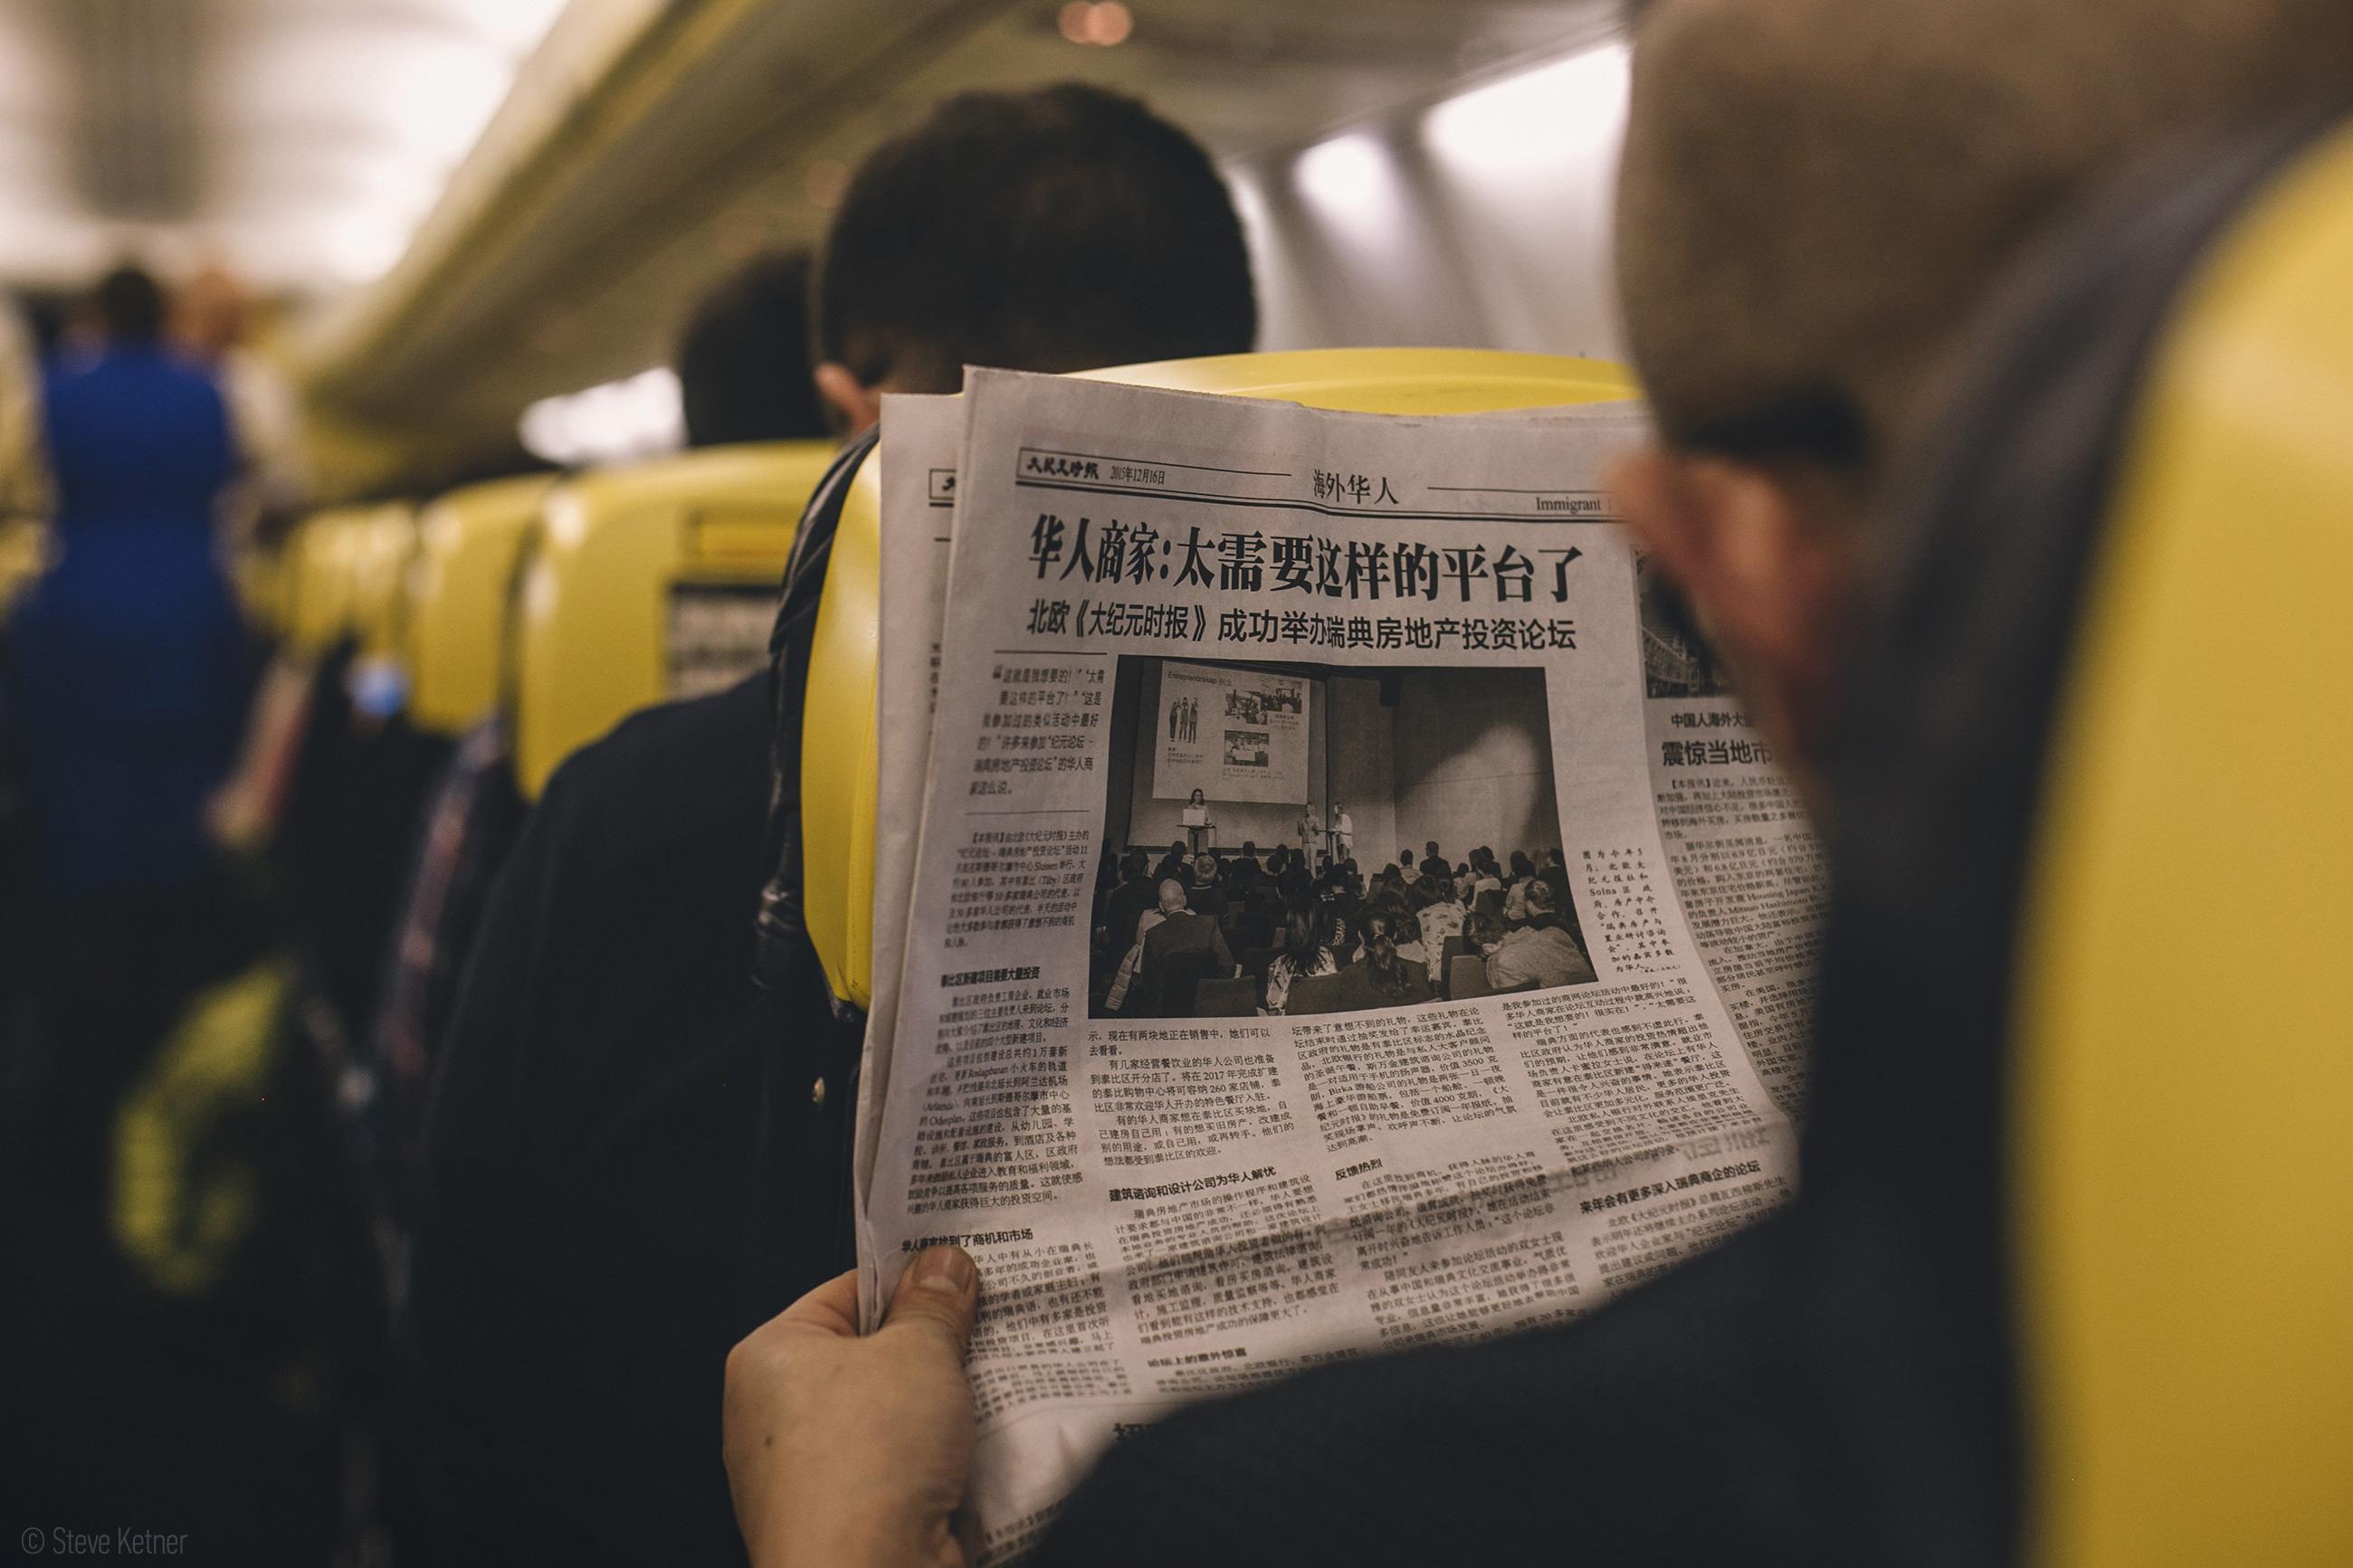 Steve Ketner - In flight japan news